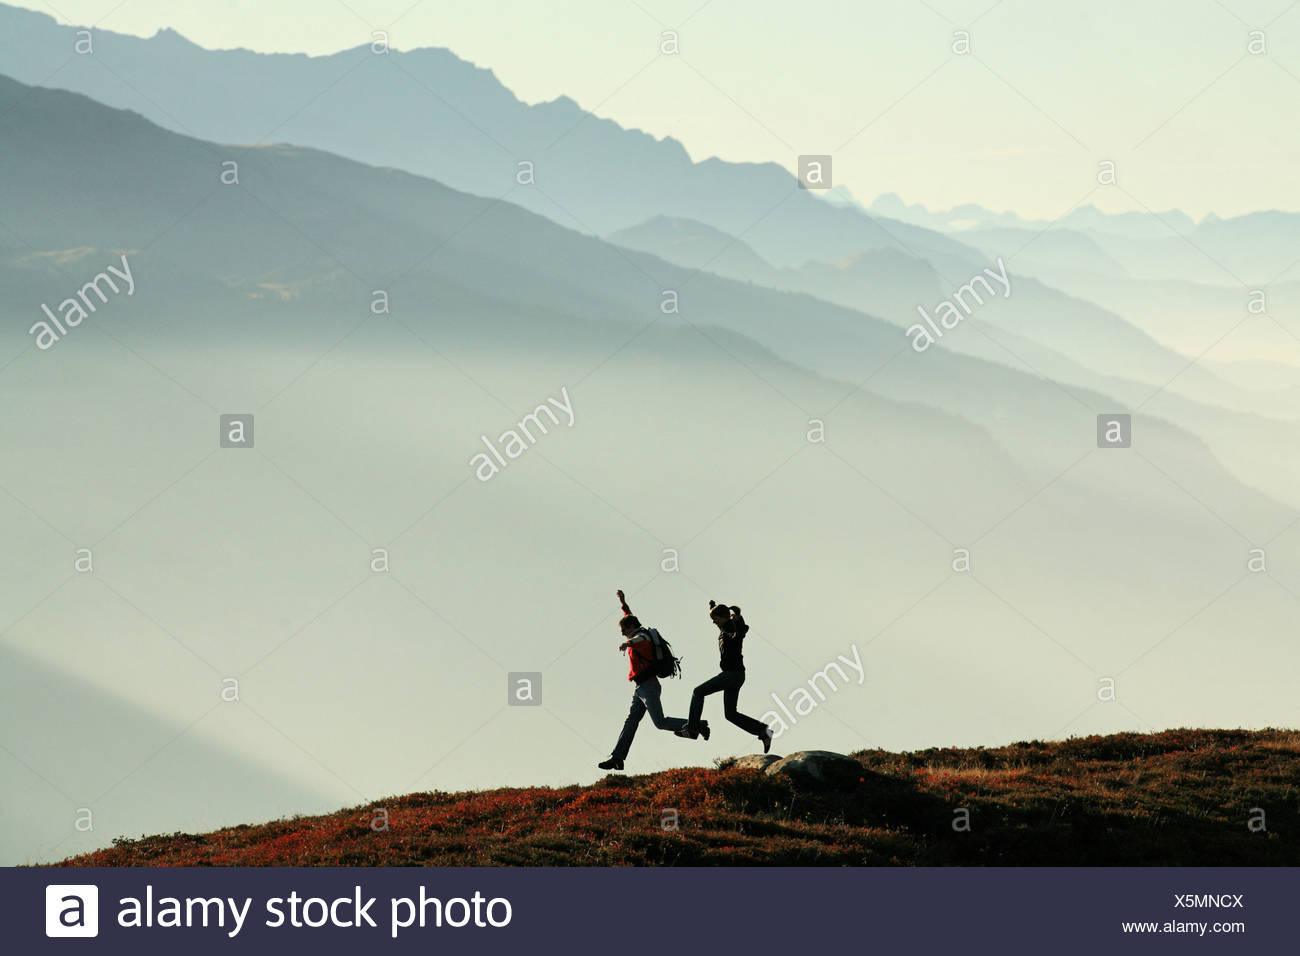 Deux Couple joie saut saut blague fun sports randonnées à pied en plein air randonnée en montagne wa voyageur Photo Stock